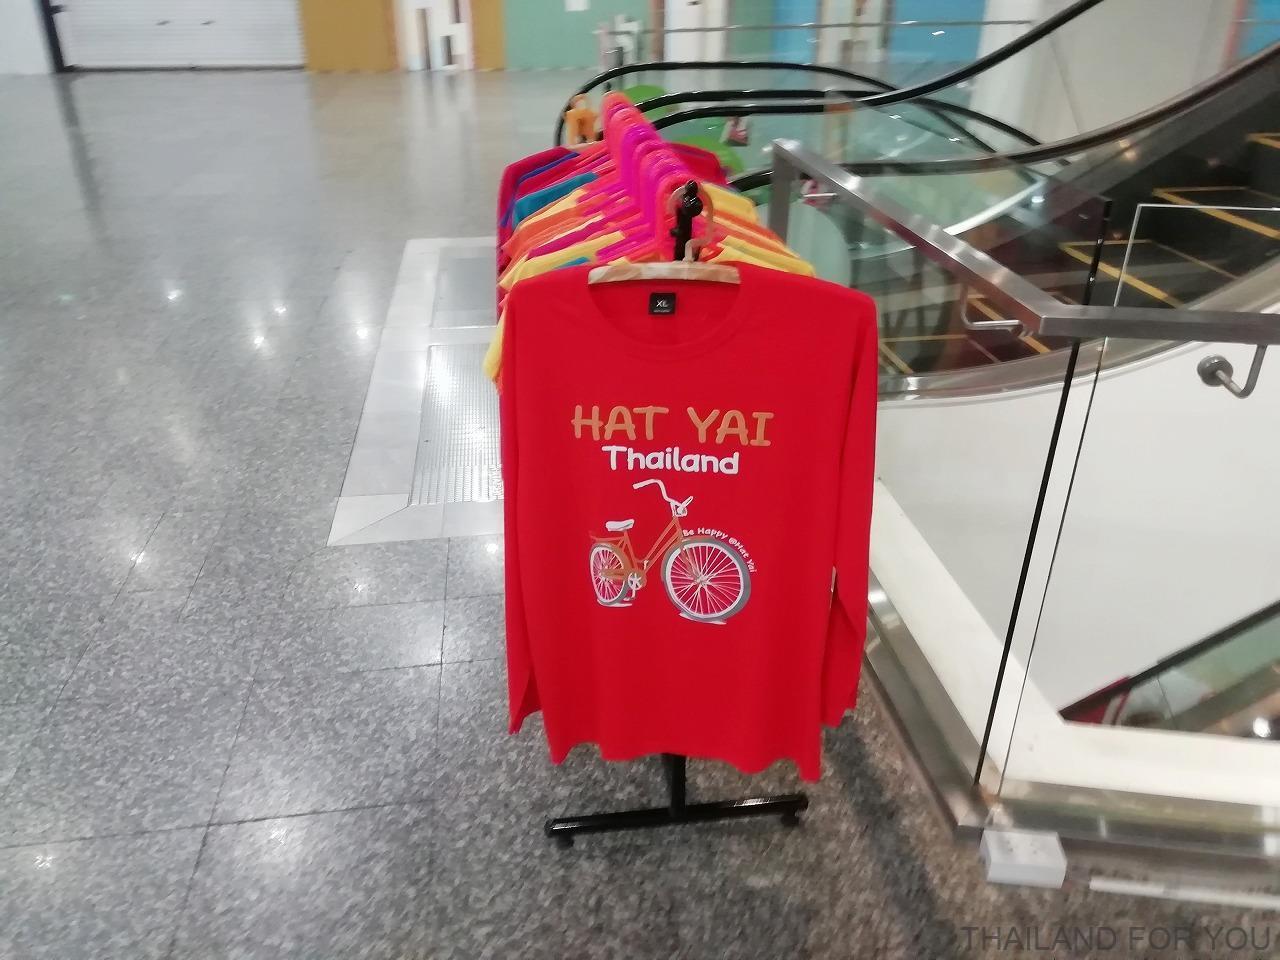 リーガーデンズプラザ ハジャイ タイ